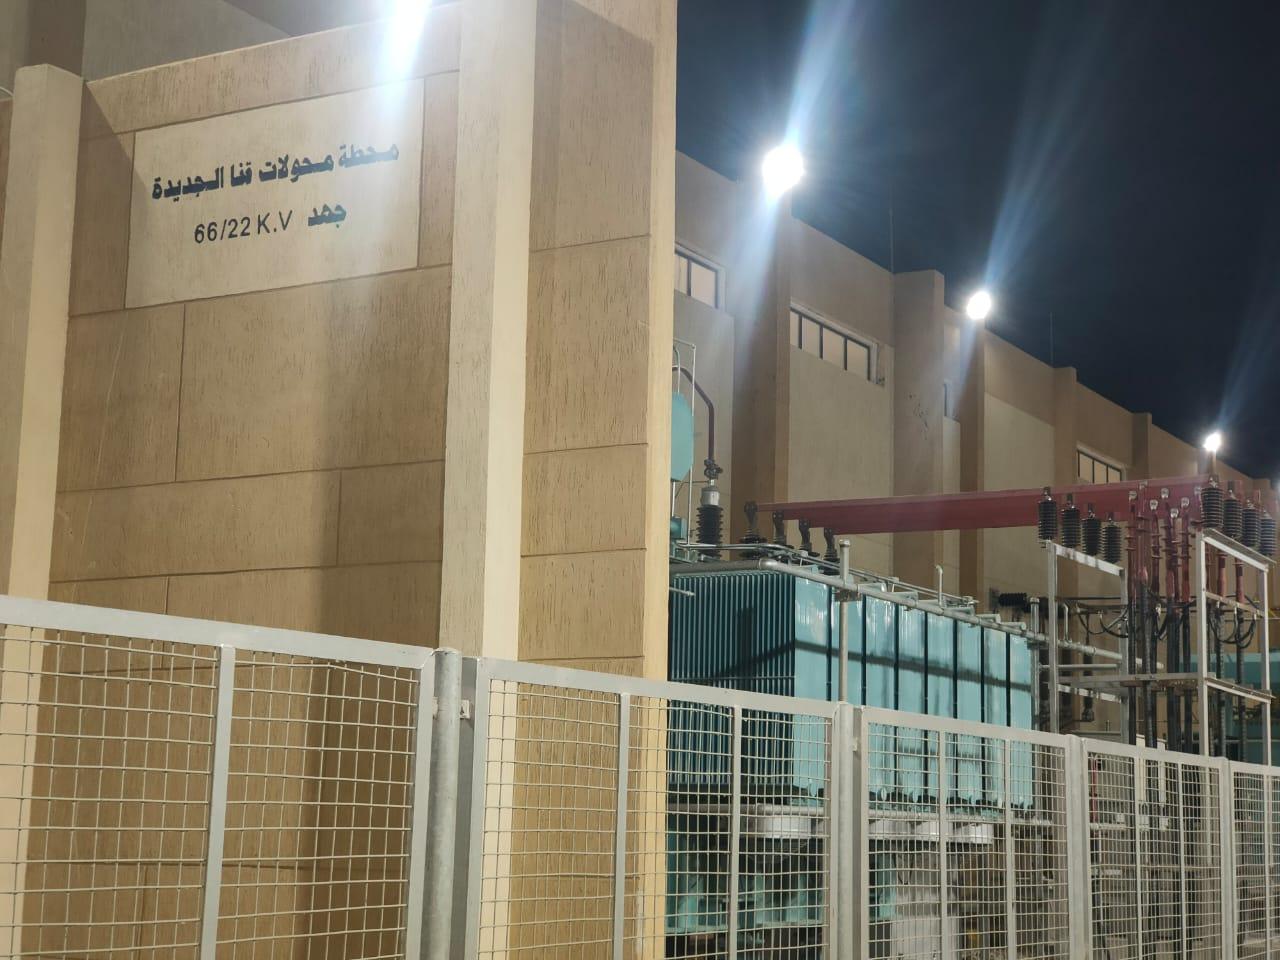 وزير الإسكان: تشغيل محطة محولات كهرباء قنا الجديدة بجهد 66/22 ك.ف لخدمة المناطق المختلفة